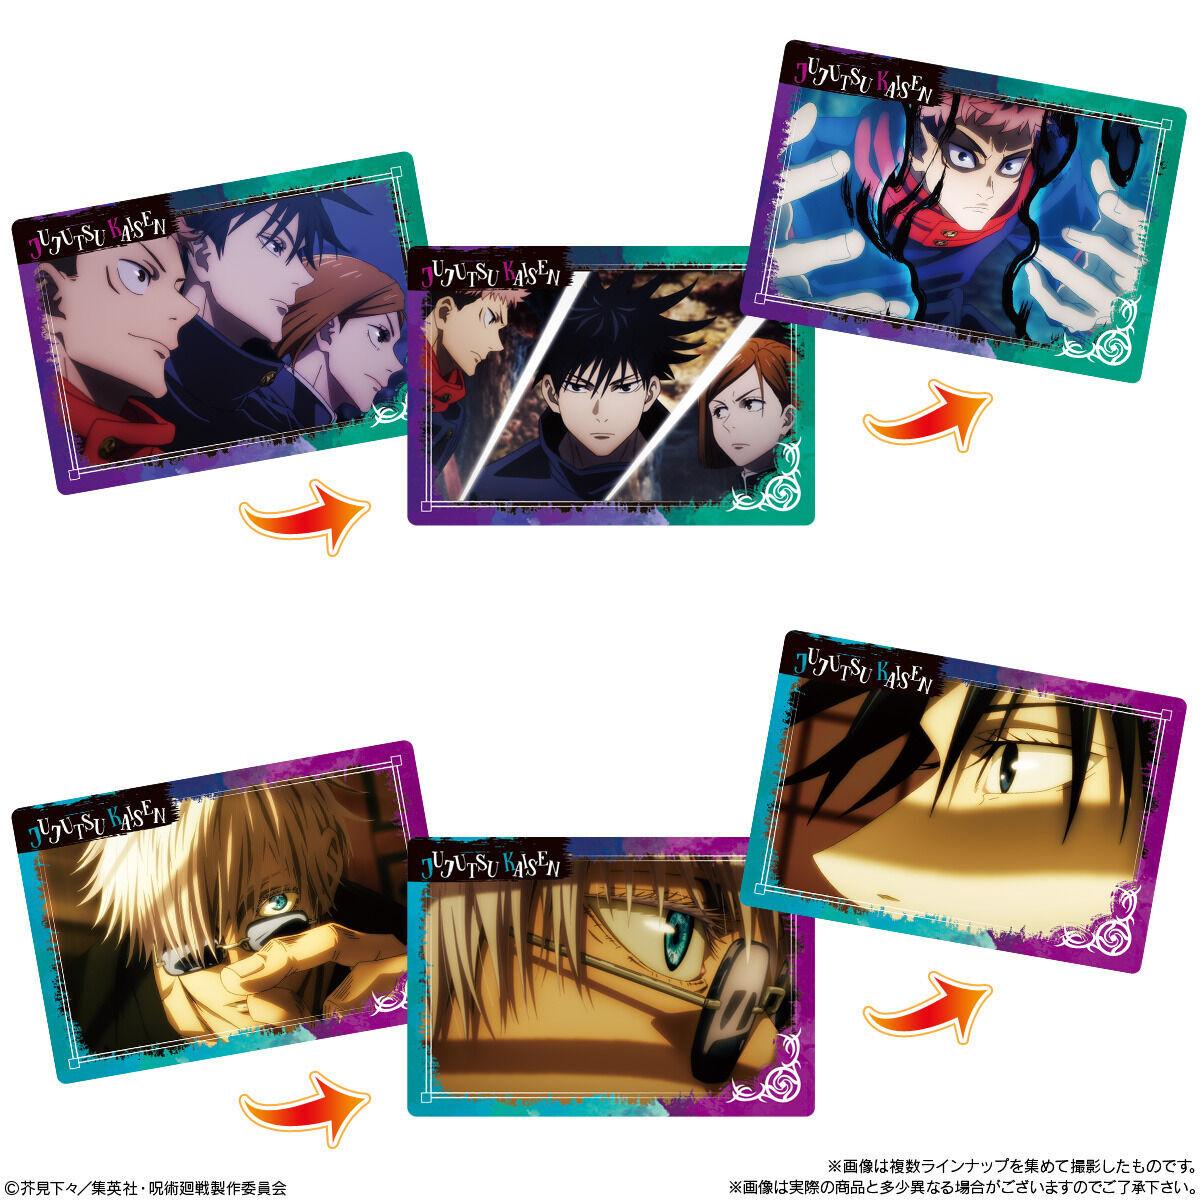 【食玩】呪術廻戦『呪術廻戦 PLAY BACKカードチョコスナック2』10個入りBOX-009